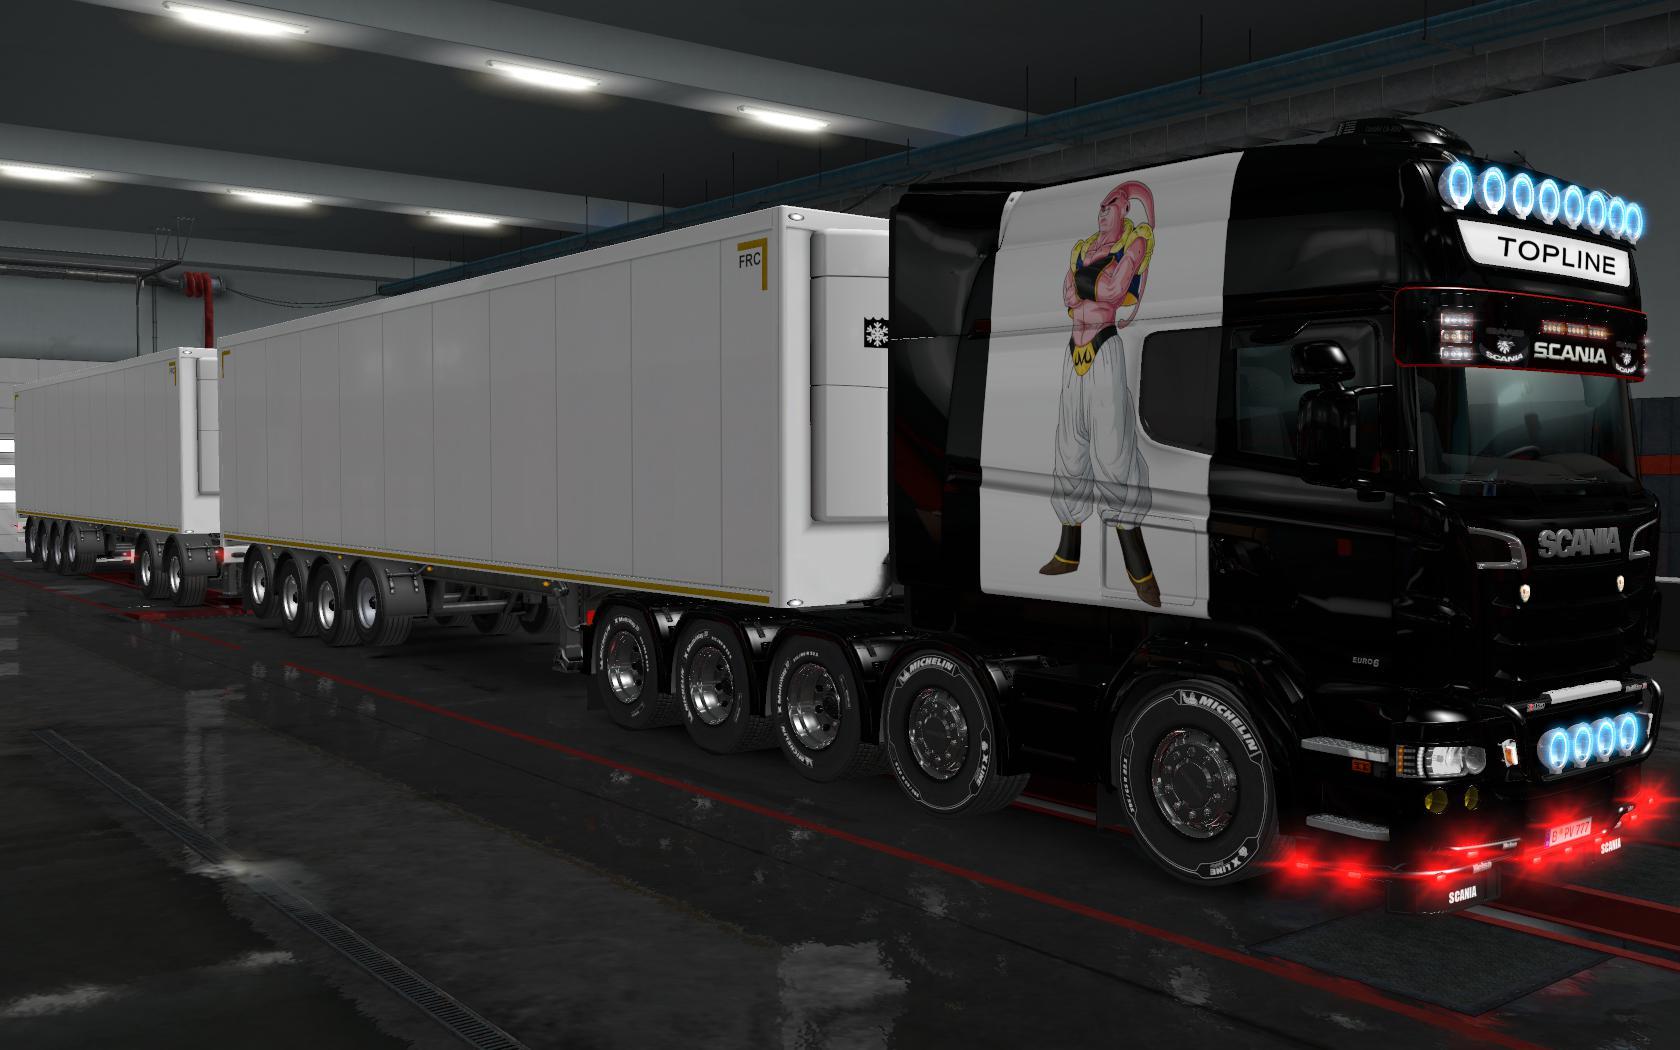 ETS2 - Scania R By Rjl Longline Majin Boo Skin (1.36.x)